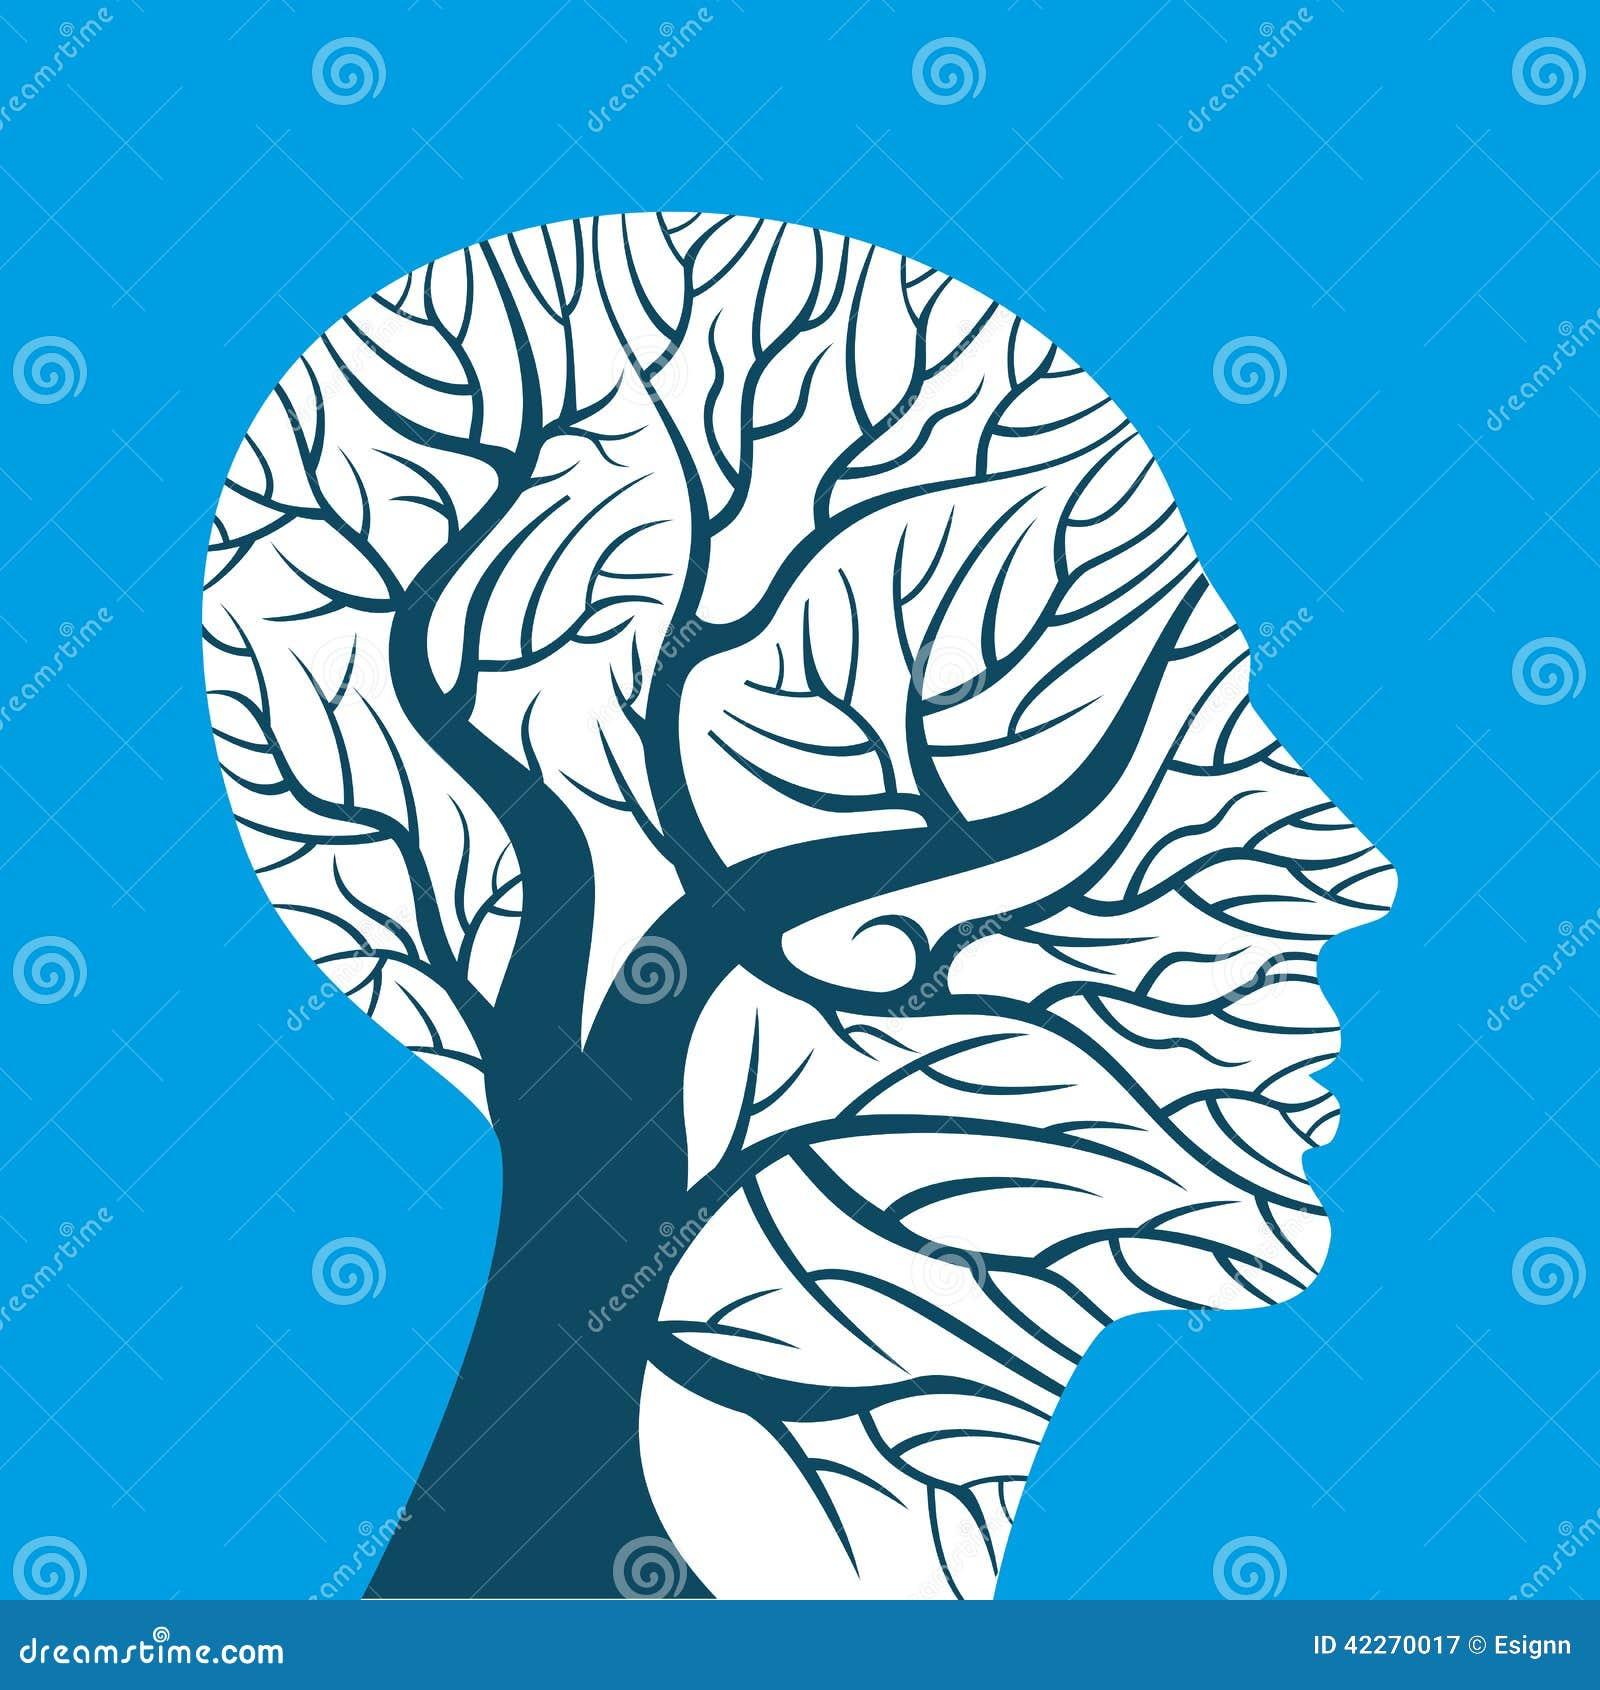 Esprit humain, pensées vertes,